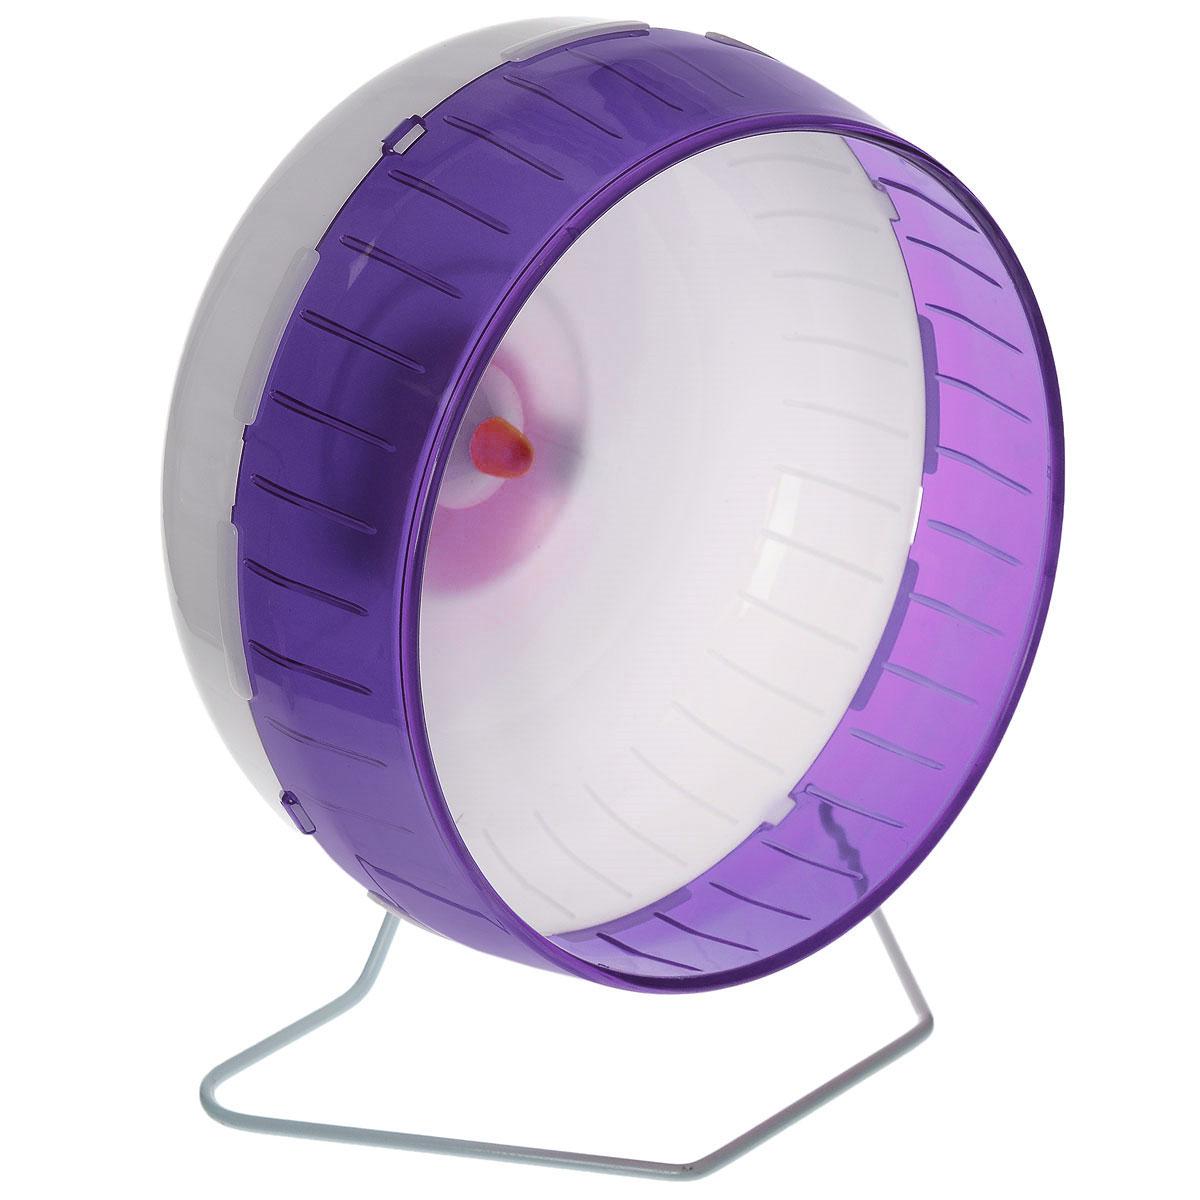 Колесо для грызунов I.P.T.S., цвет: белый, фиолетовый, 29 см285154_белый, фиолетовыйКолесо для грызунов I.P.T.S. - удобное и бесшумное, с высоким уровнем безопасности. Поместив его в клетку, вы обеспечите своему питомцу необходимую физическую активность. Сплошная внутренняя поверхность без щелей убережет питомца от возможных травм. Можно установить на подставку или прикрепить к решетке. Колесо можно использовать для дегу, крыс или молодых шиншилл. Диаметр колеса: 29 см.